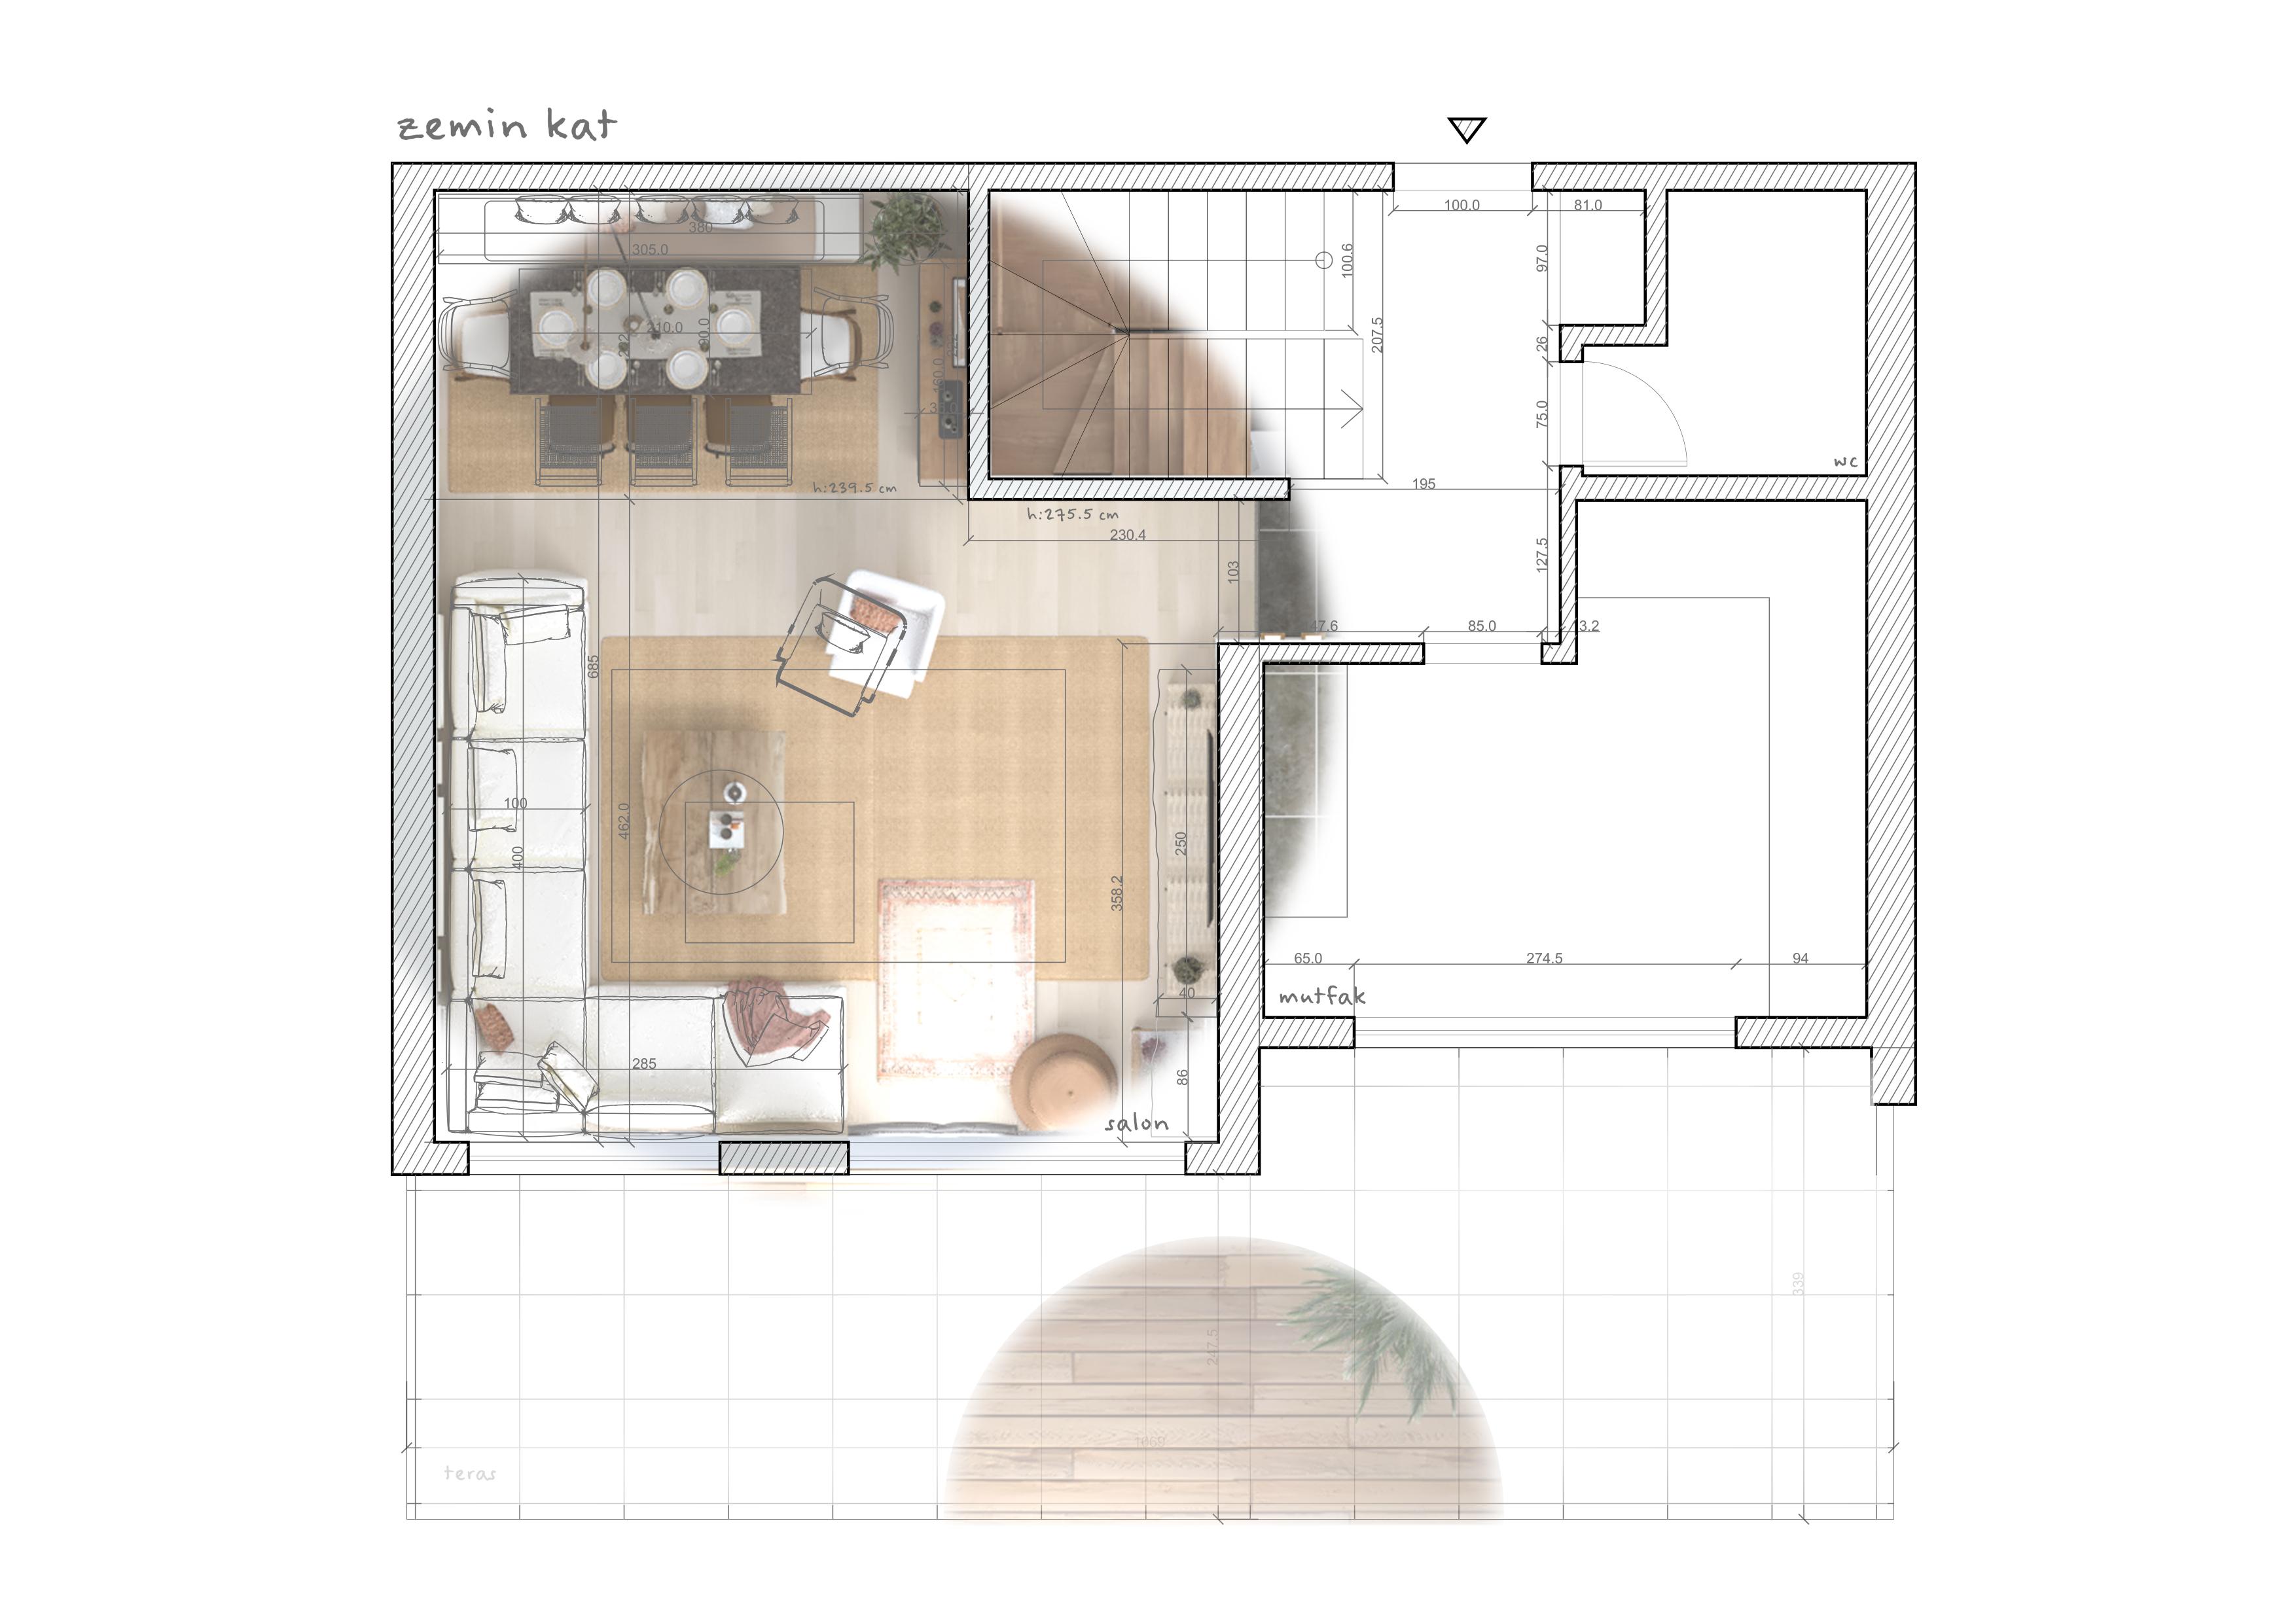 plan01-